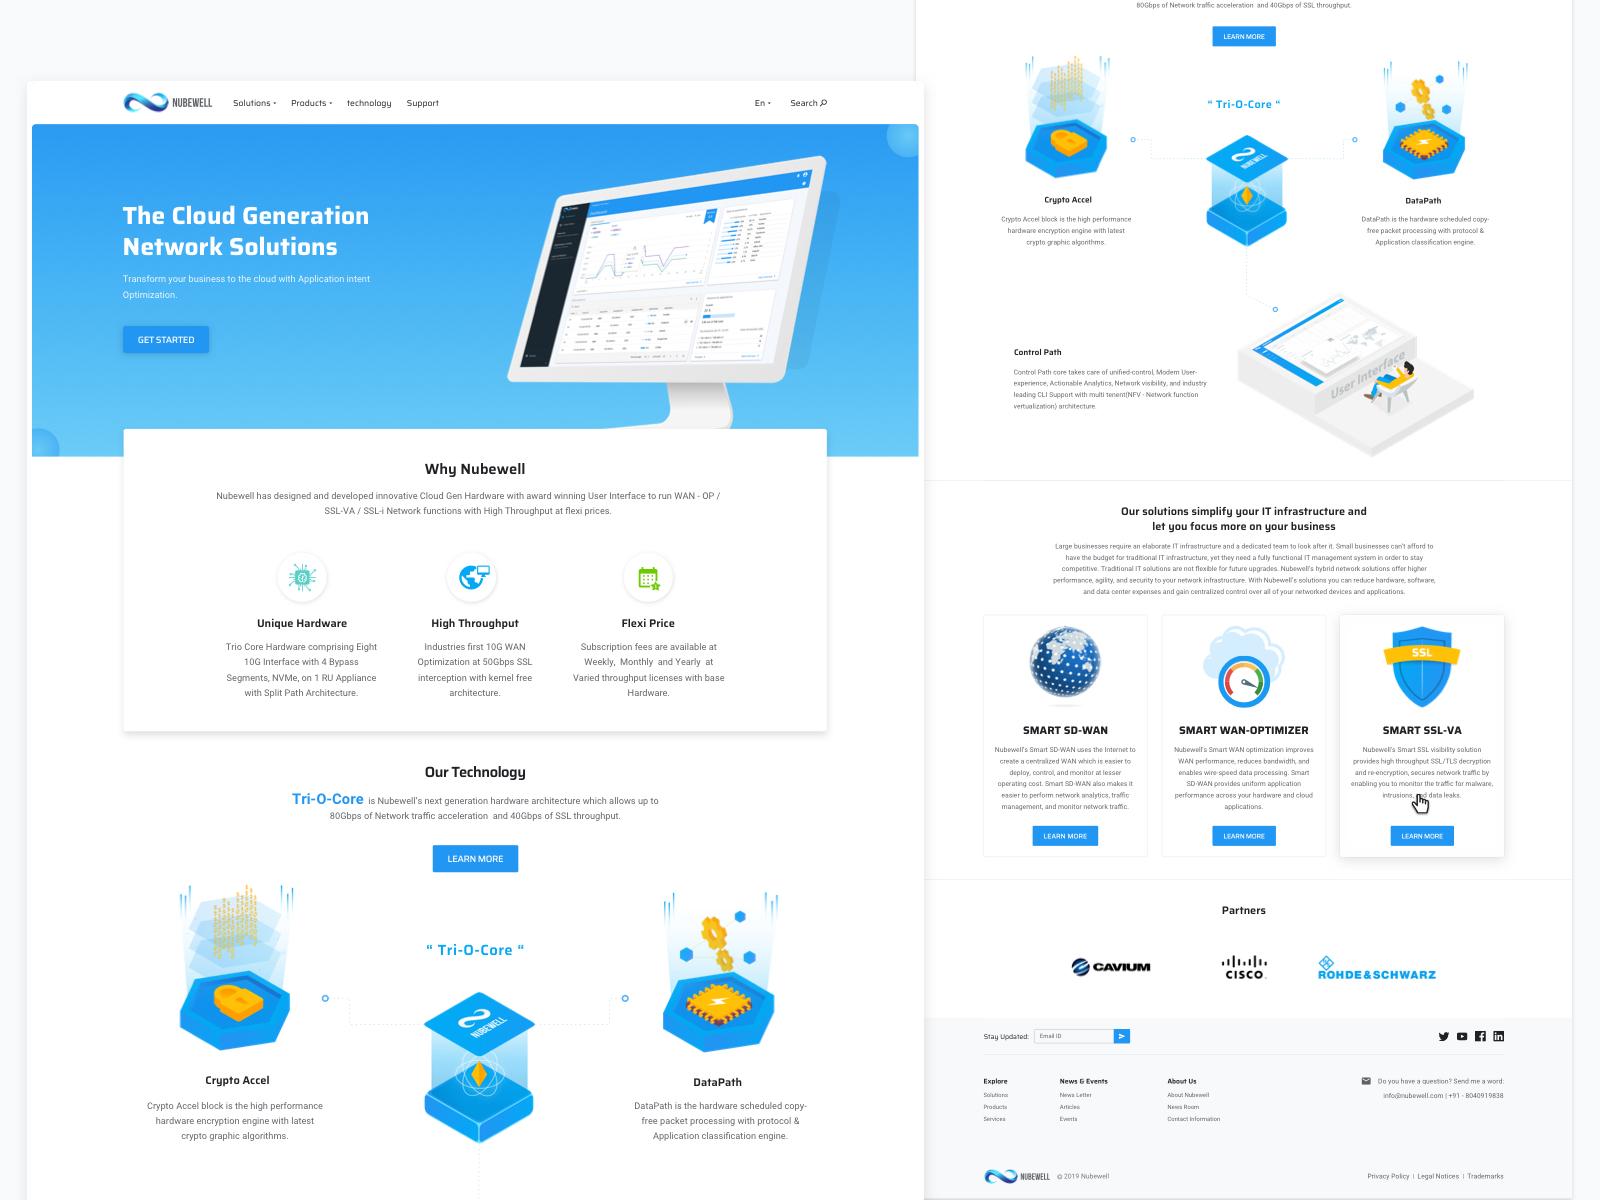 Nubewell website